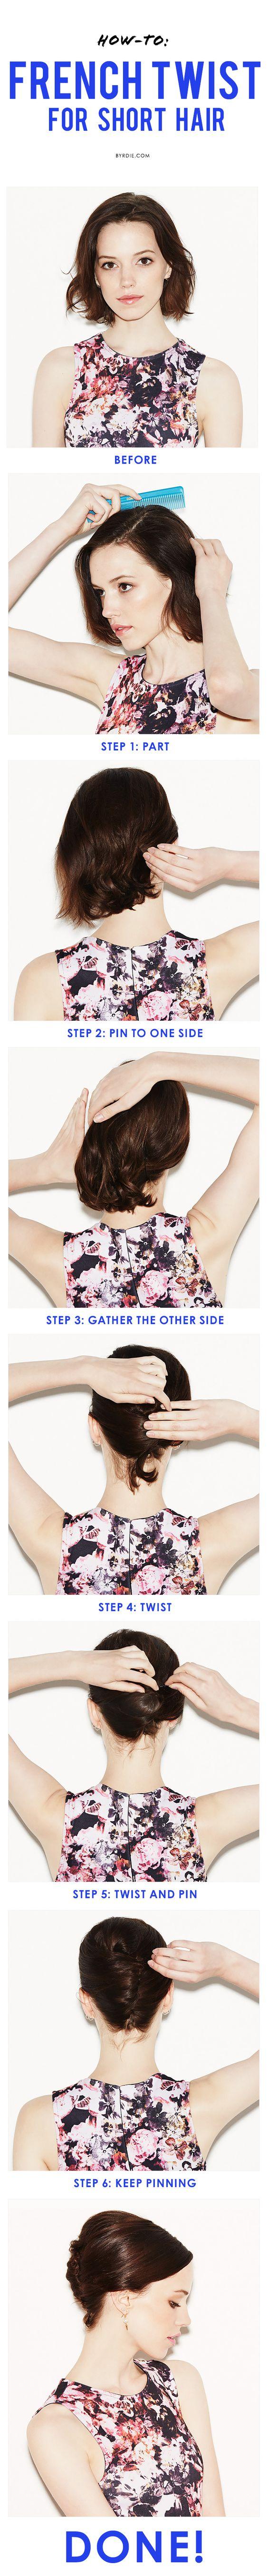 updo-for-short-hair via